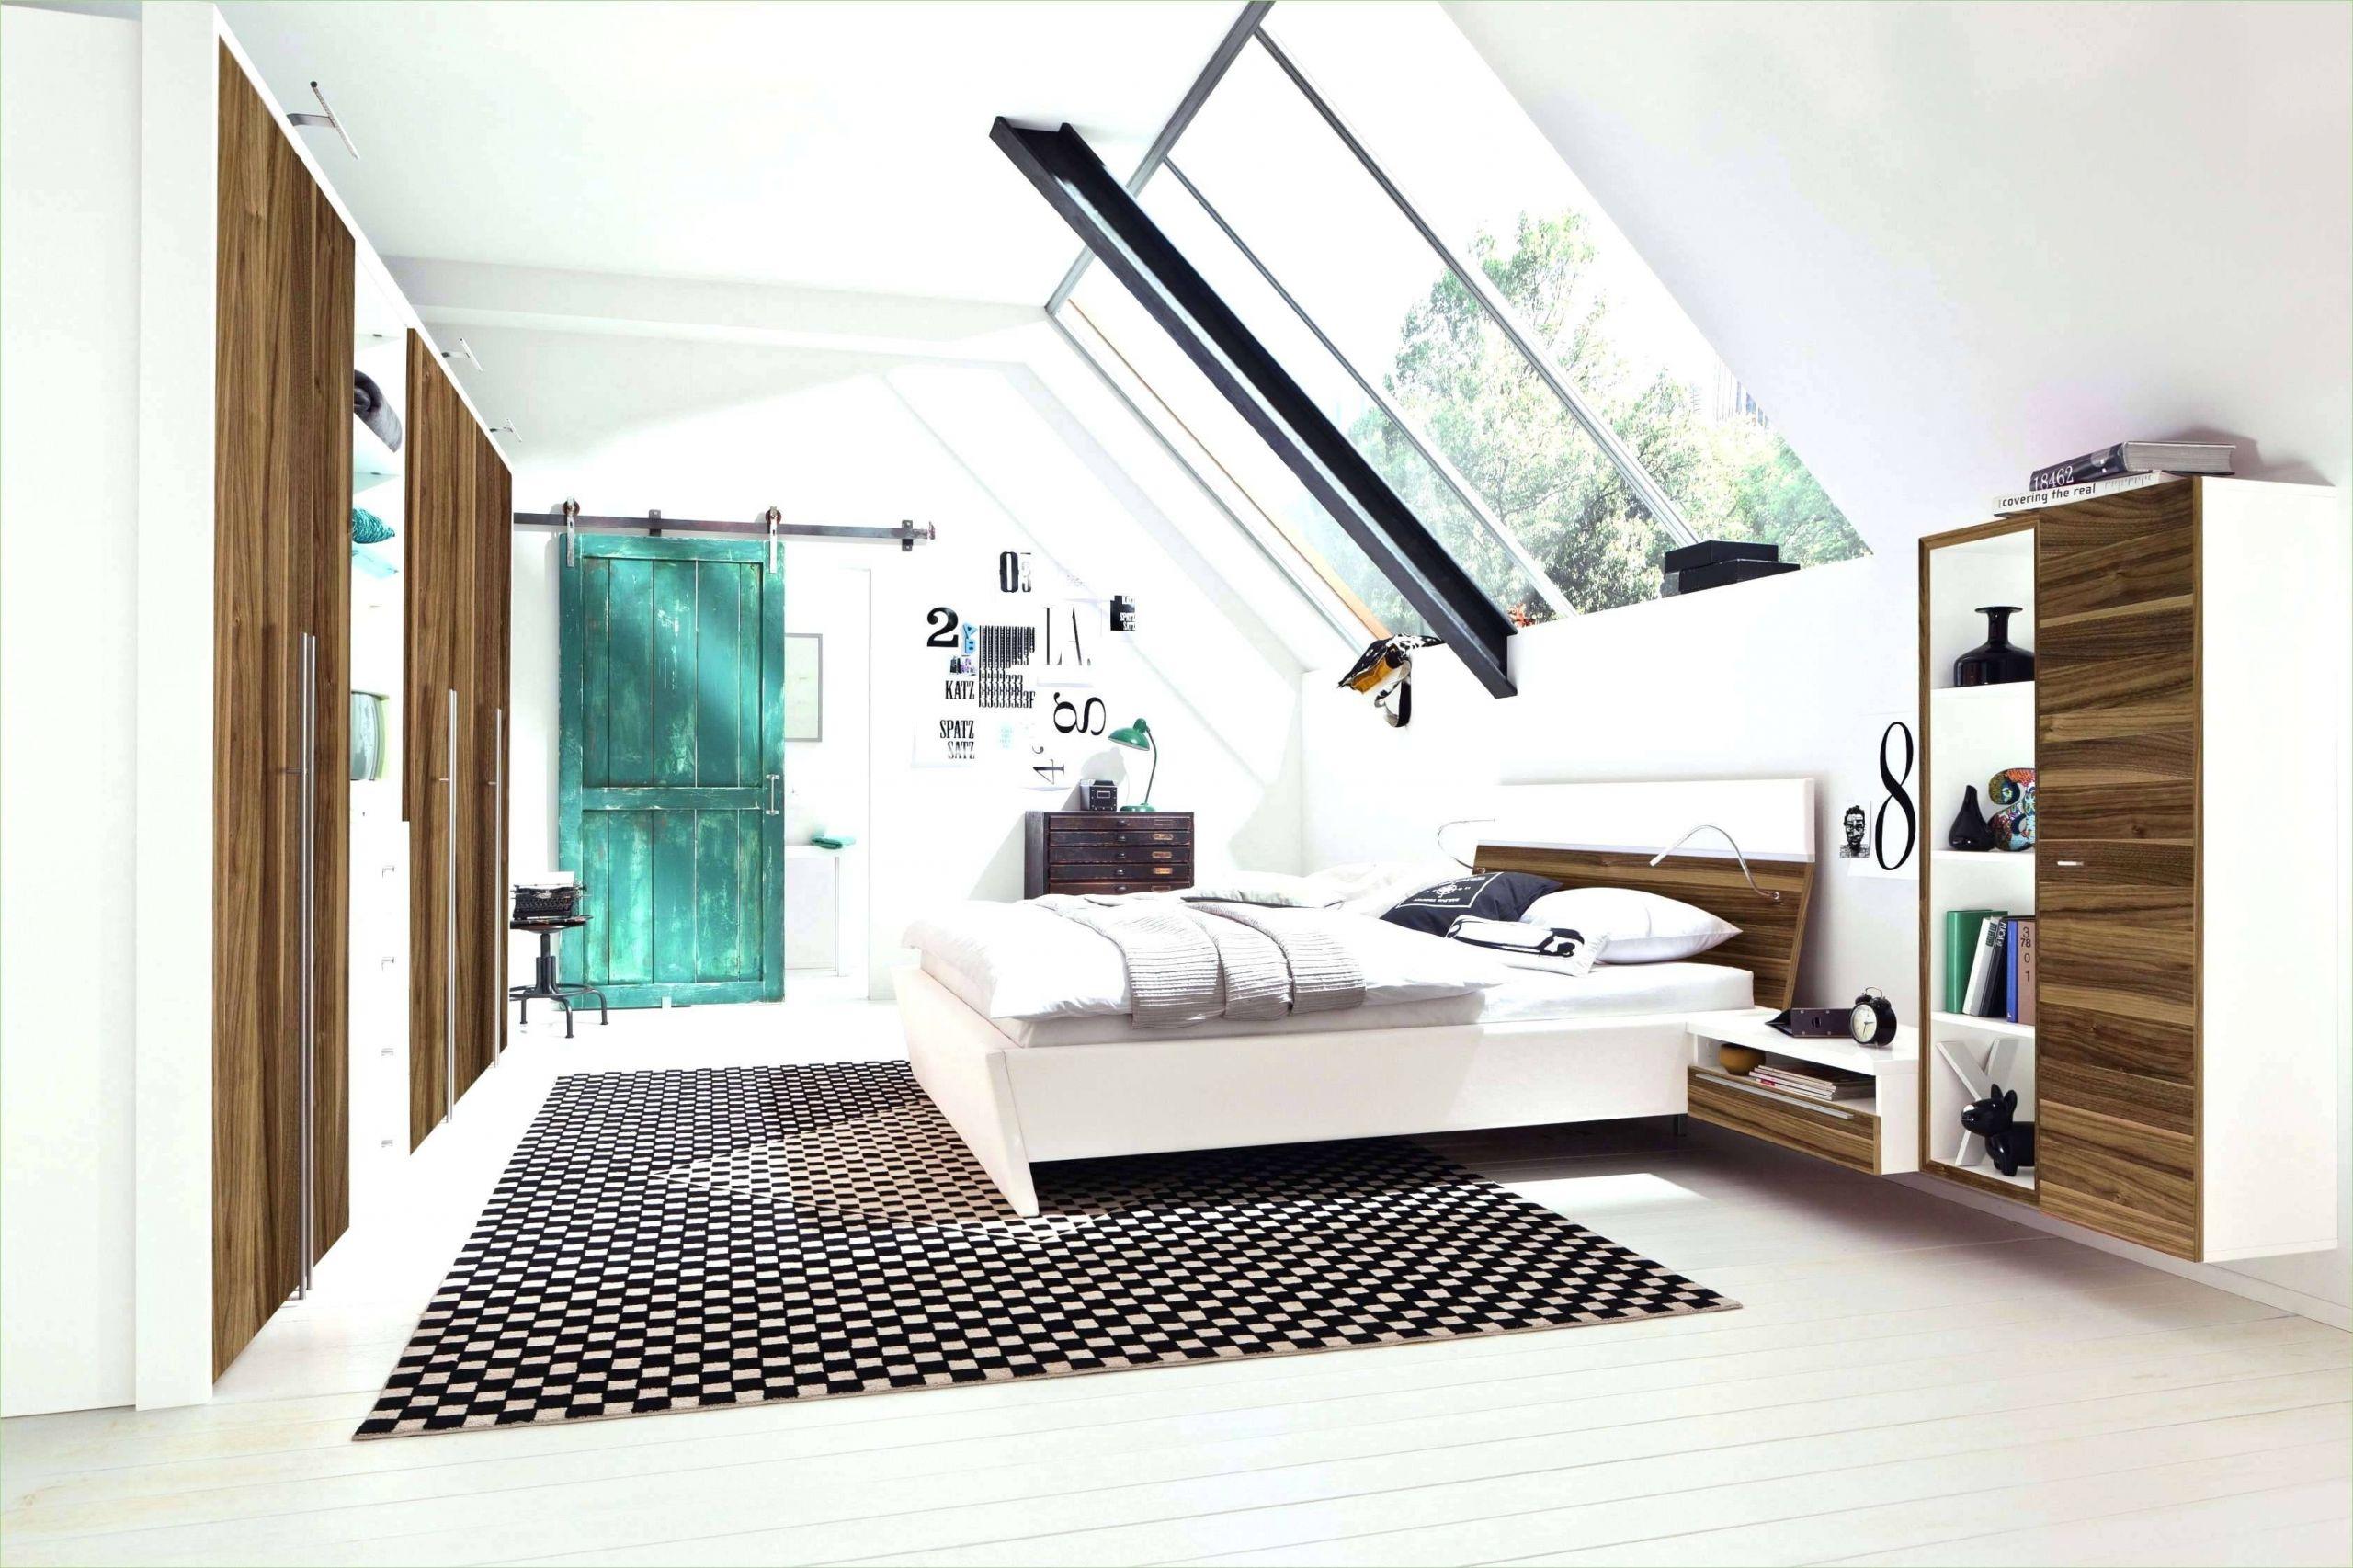 deko aus holz fur wohnzimmer beautiful garten deko ideen selbermachen neu 37 elegant wohnzimmer ideen of deko aus holz fur wohnzimmer